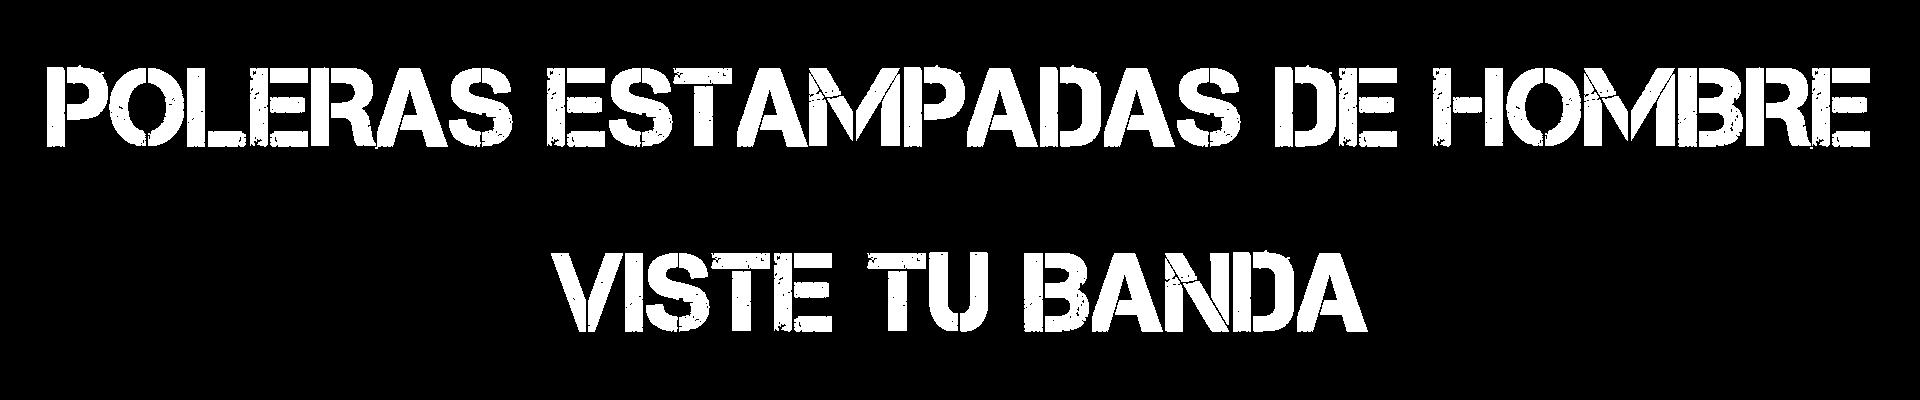 poleras-estampadas-rock-hombre-viste-tu-banda-rock